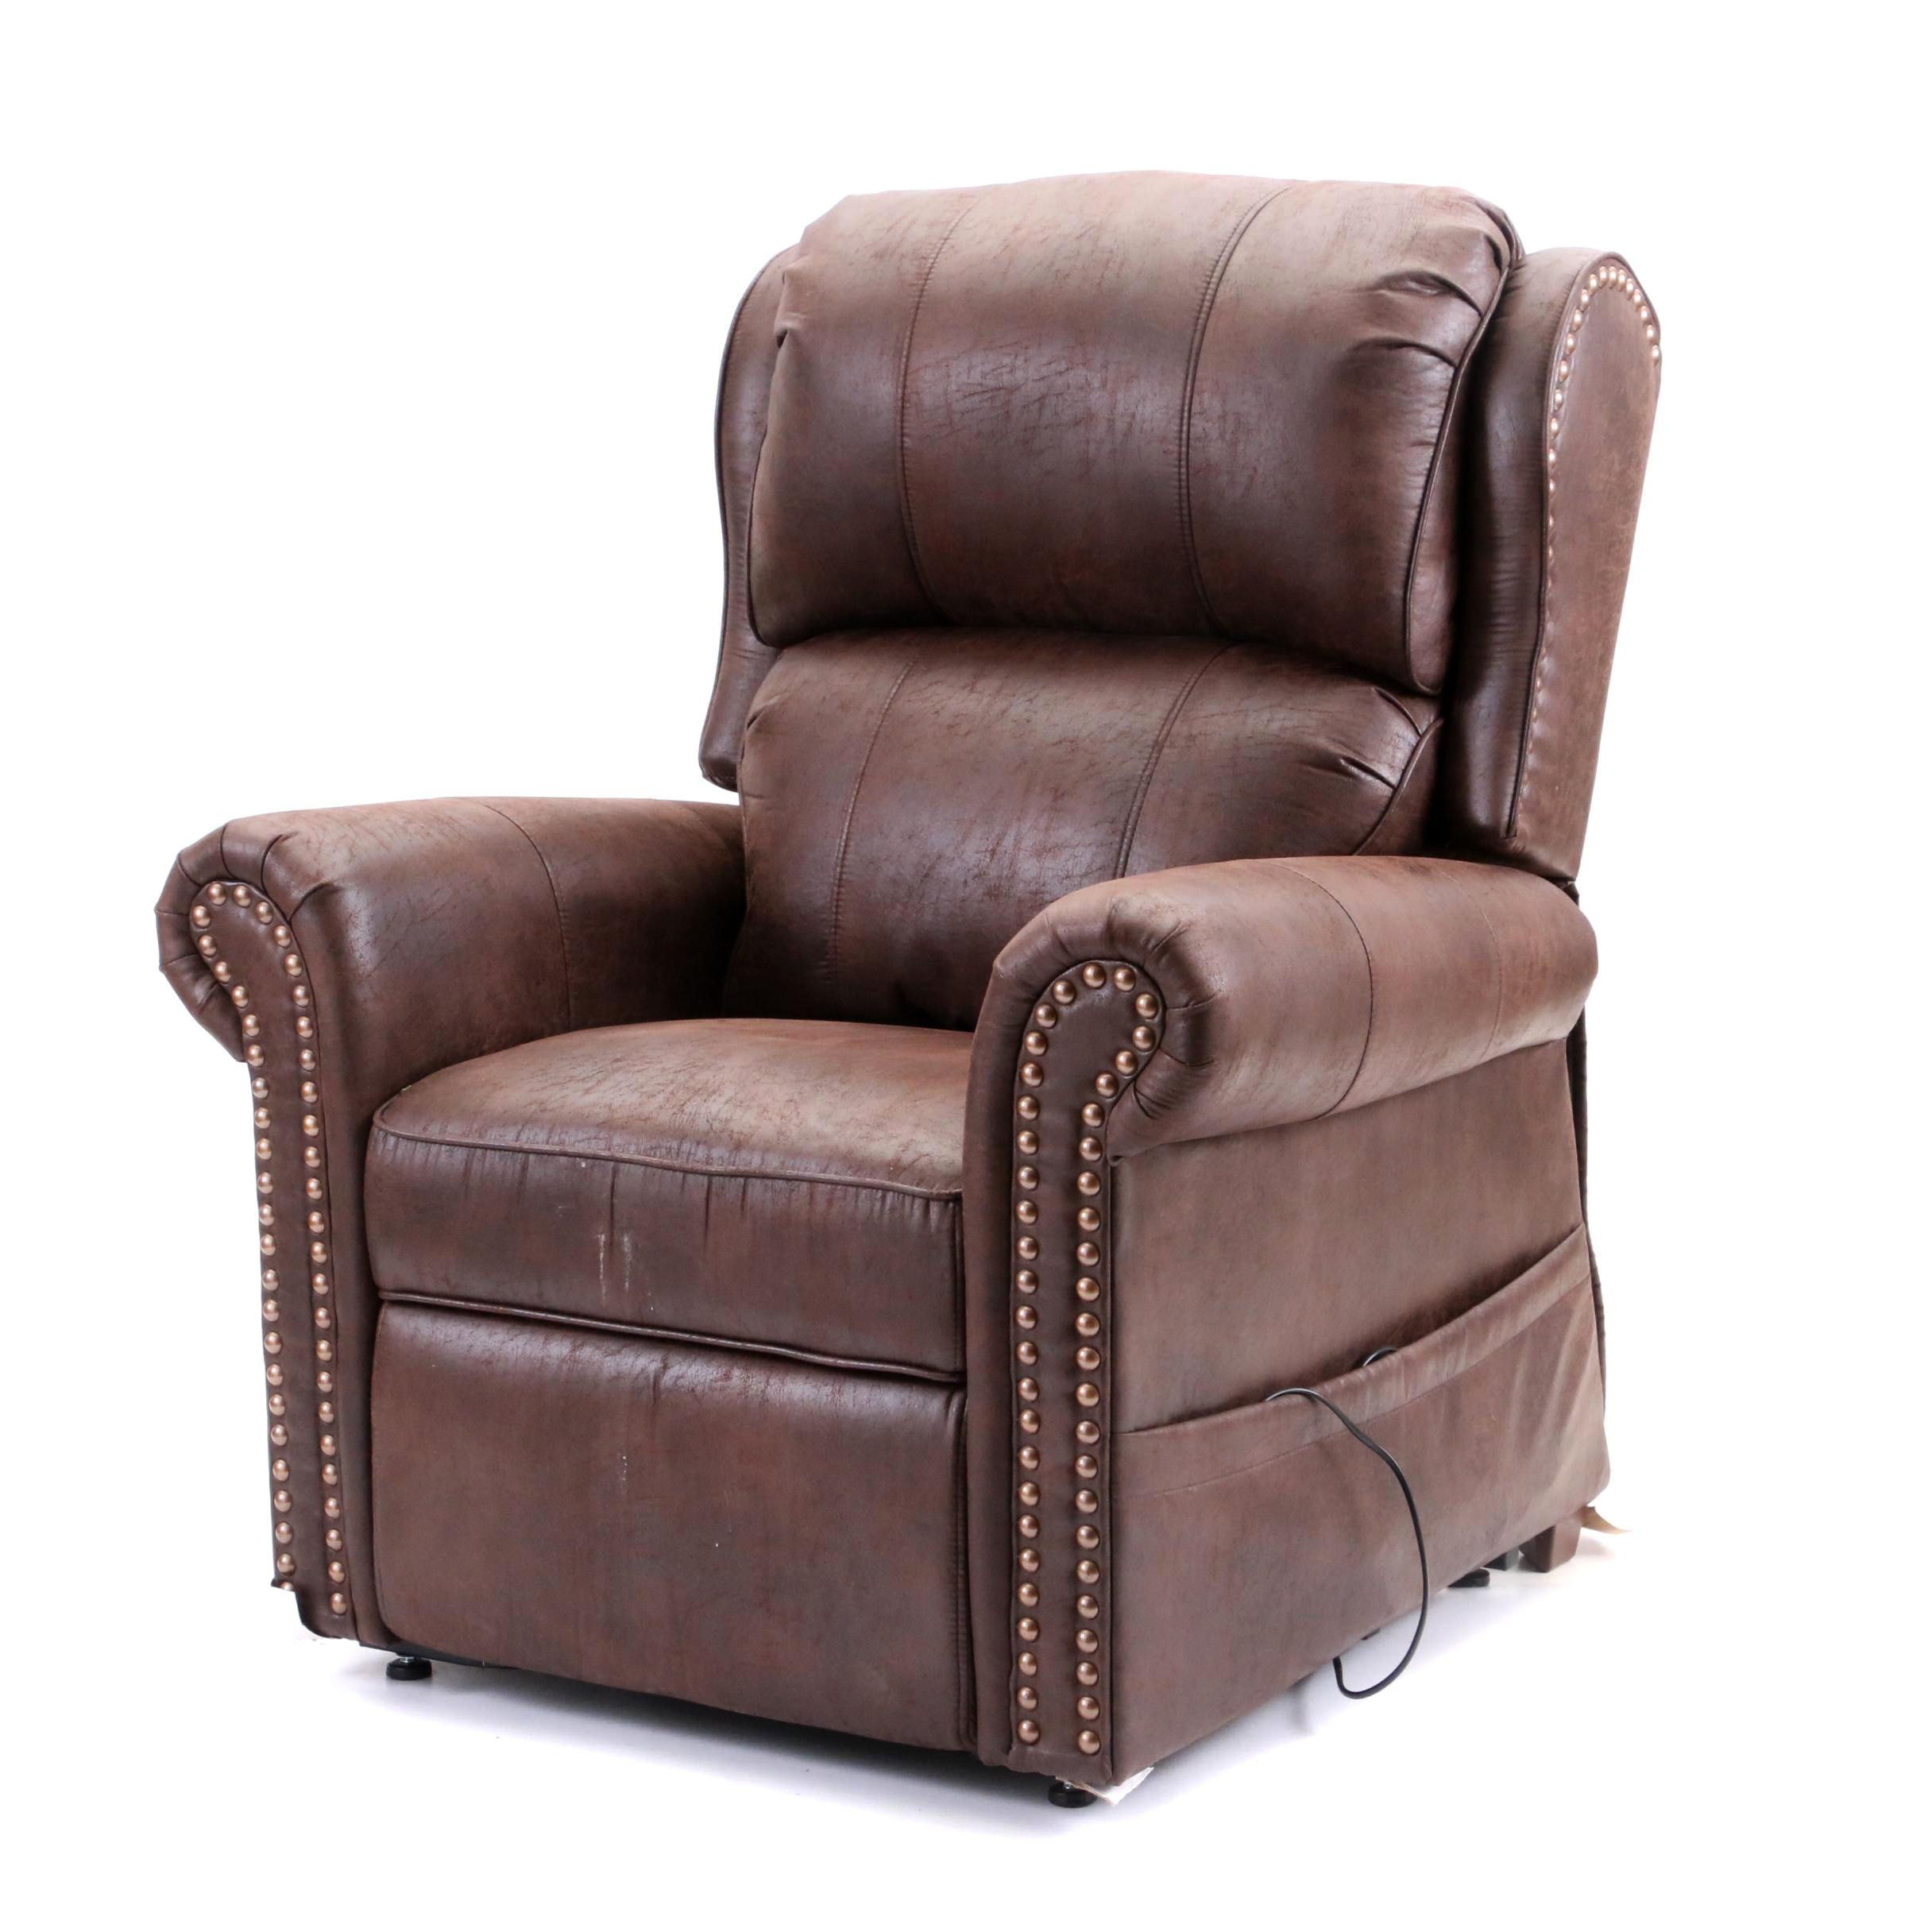 Golden MaxiComfort Power Lift & Recline Chair